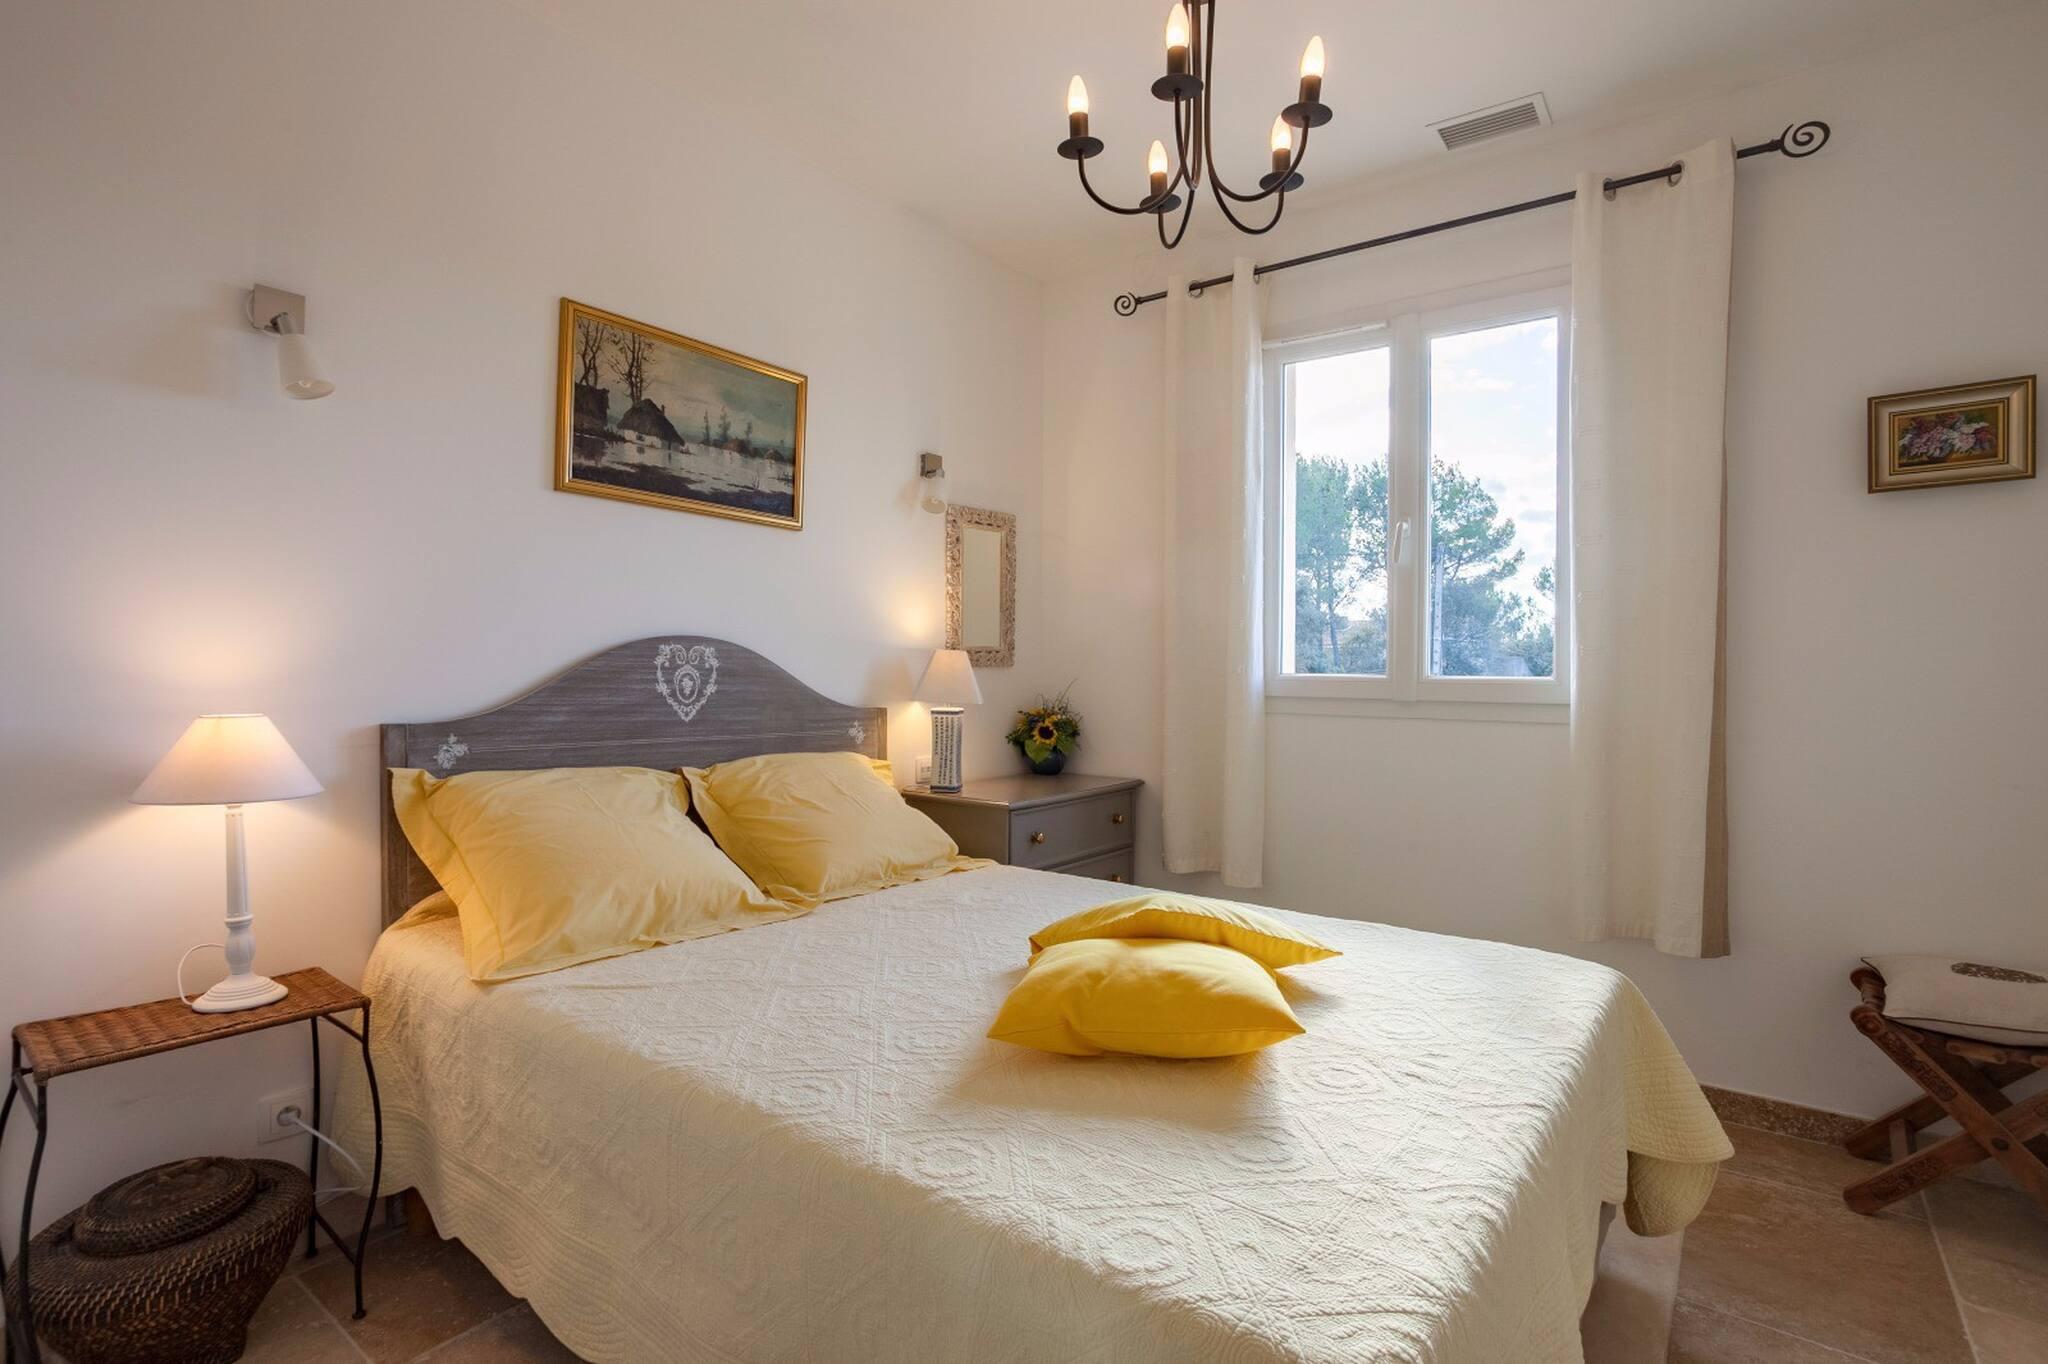 Maison de vacances La Bien Méritée - Für einen unvergesslichen Urlaub (2647544), L'Isle sur la Sorgue, Vaucluse, Provence - Alpes - Côte d'Azur, France, image 16